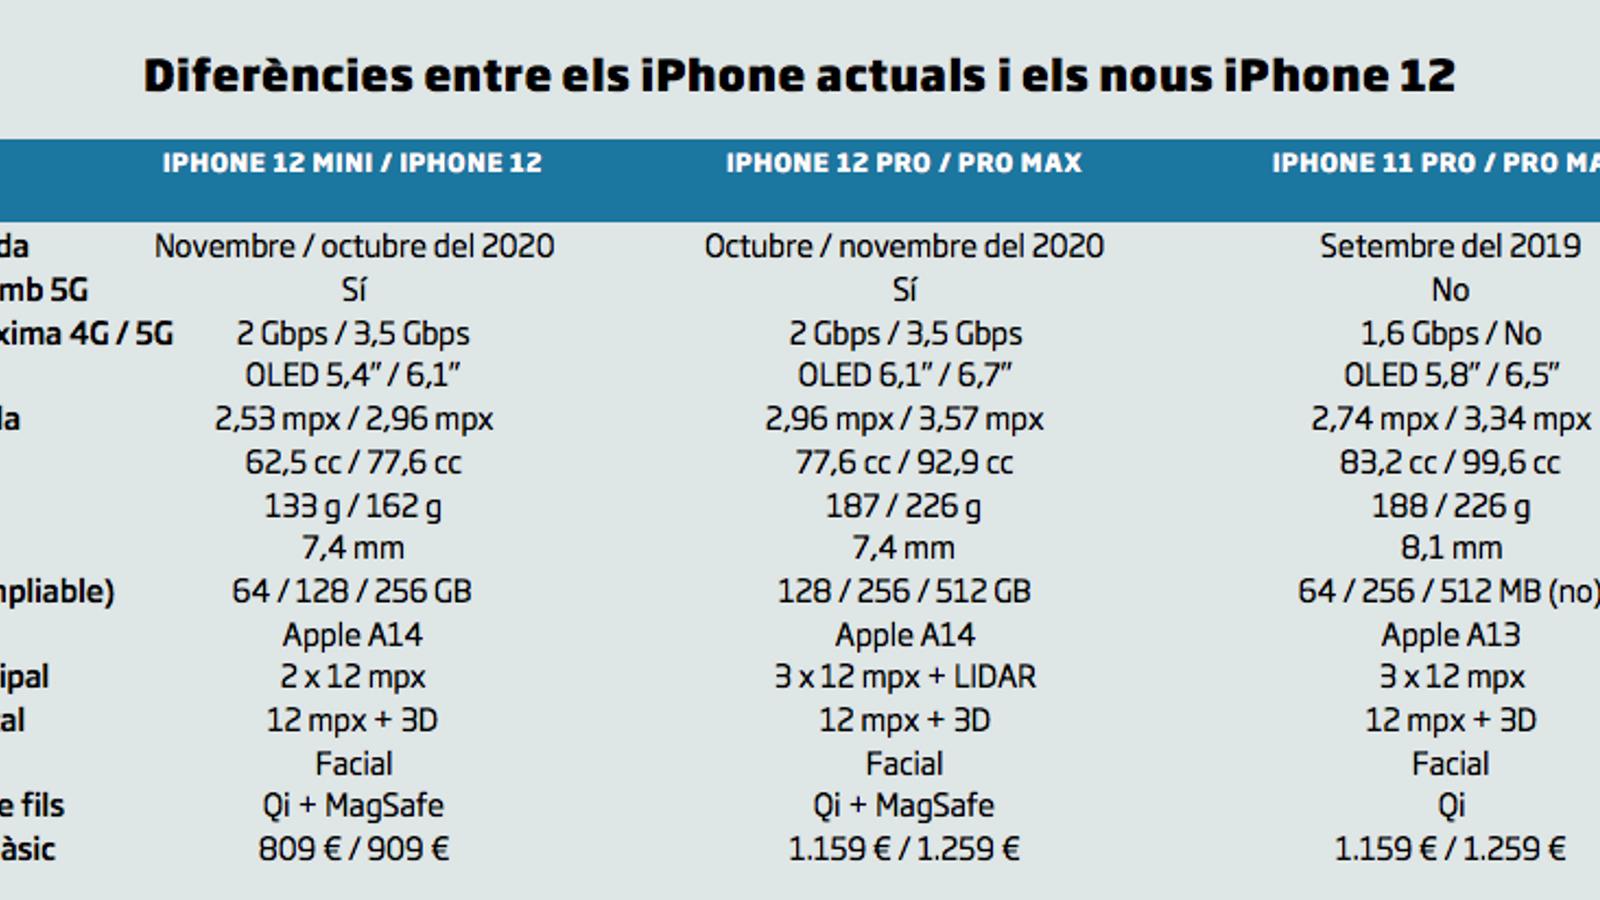 Diferències entre els iPhone actuals i els nous iPhone 12